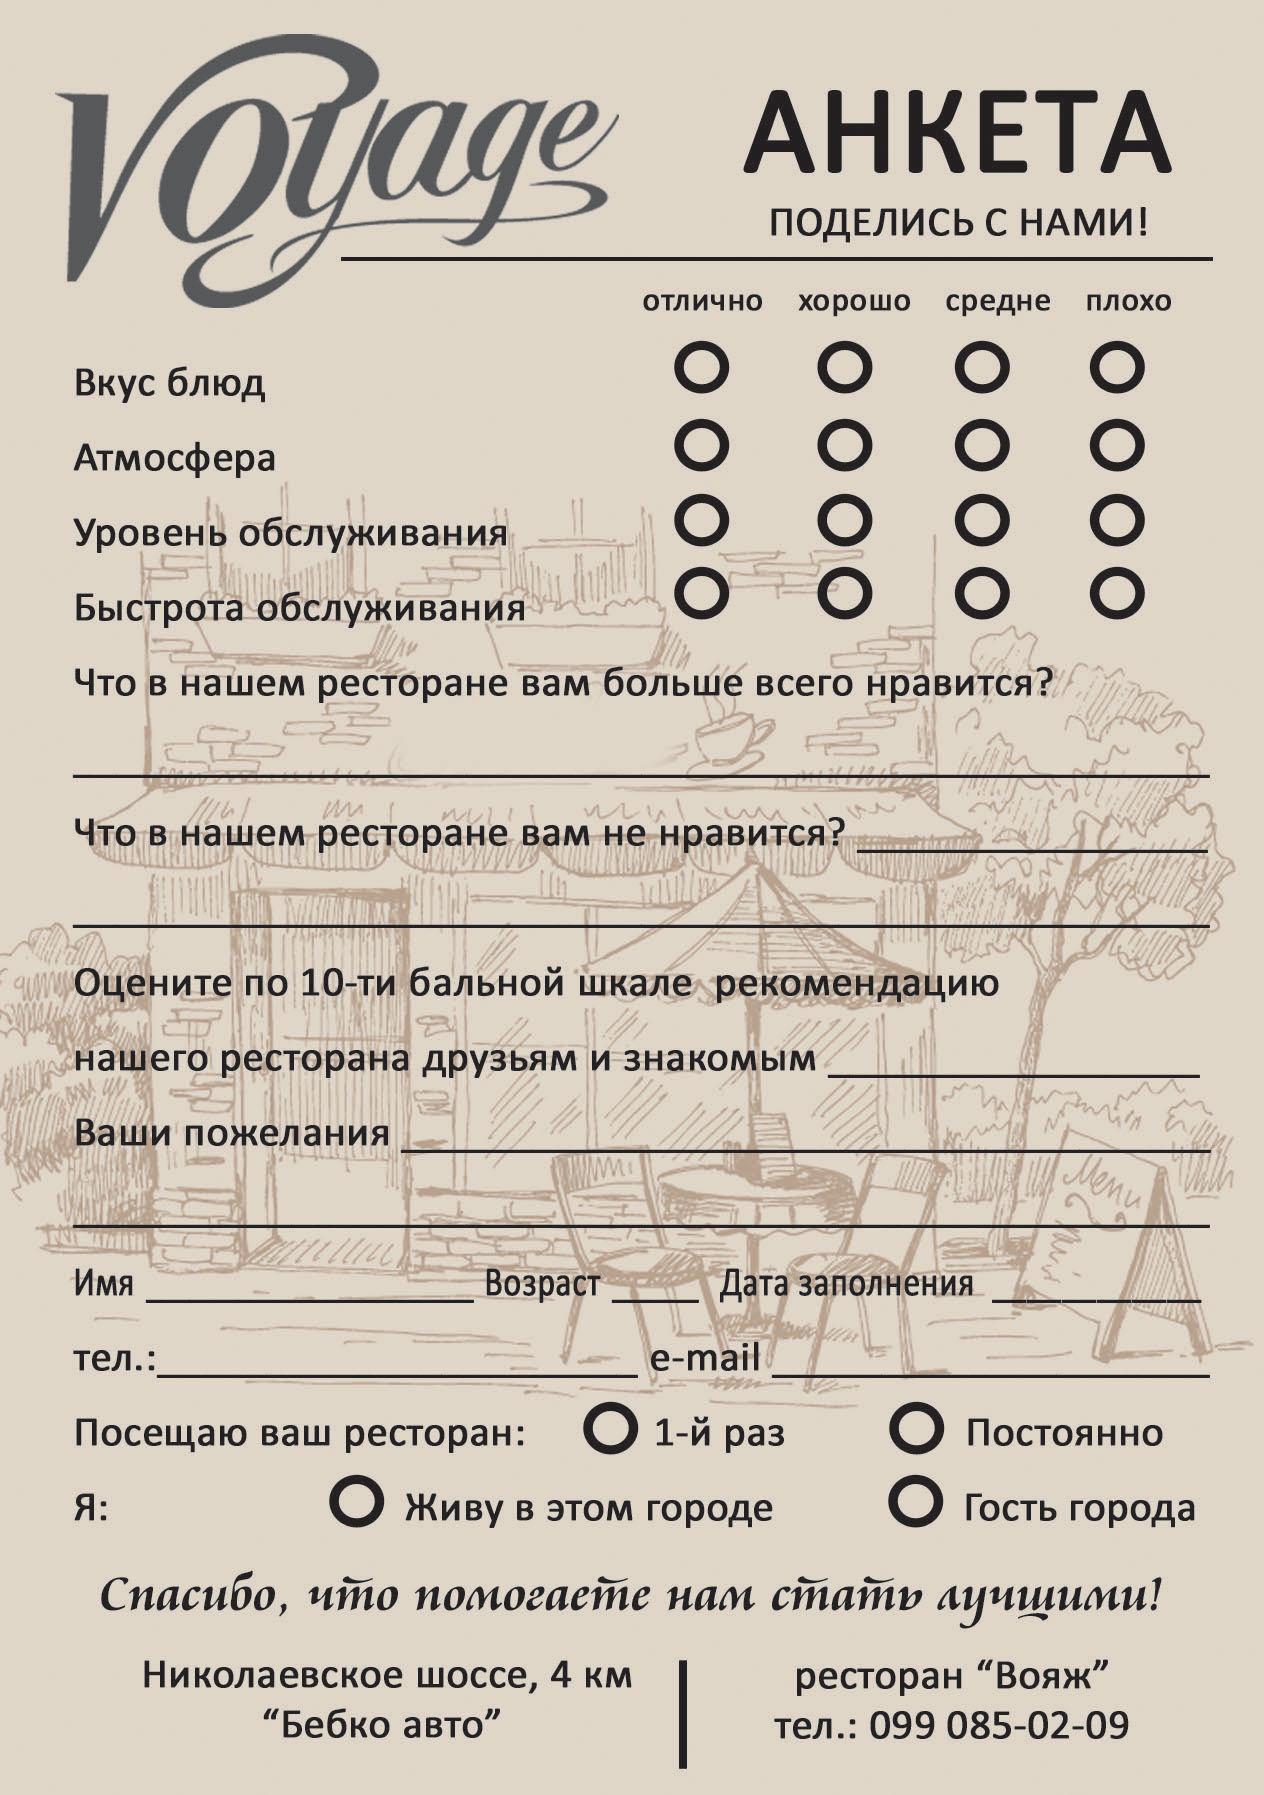 позаботимся Вопросы для анкеты для ресторана впереди